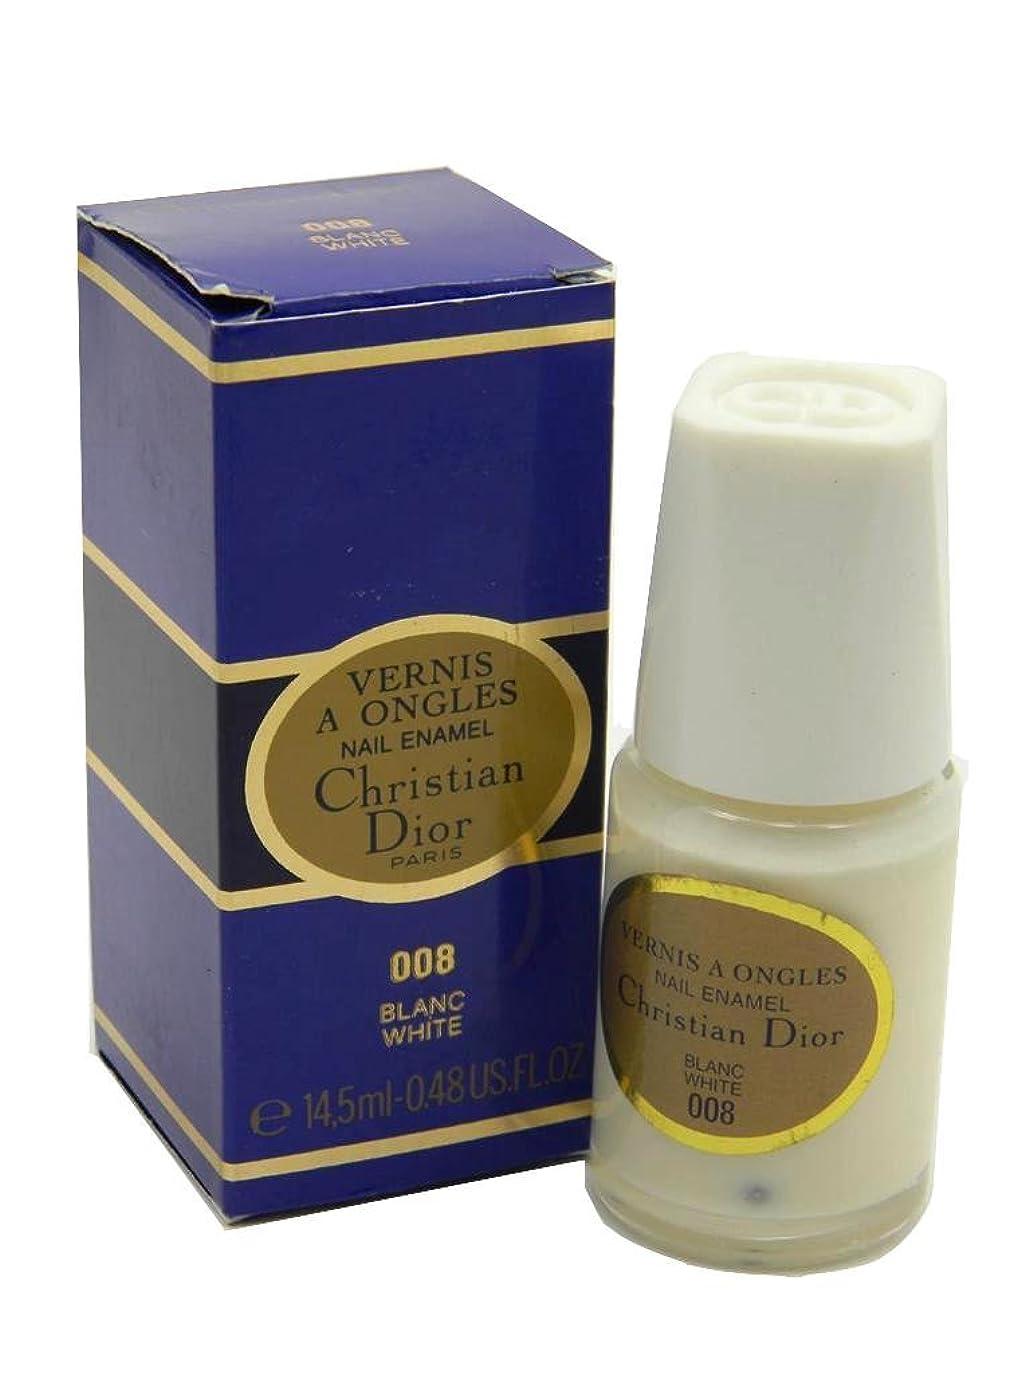 倍増空虚寝具Dior Vernis A Ongles Nail Enamel Polish 008 White(ディオール ヴェルニ ア オングル ネイルエナメル ポリッシュ 008 ホワイト) [並行輸入品]